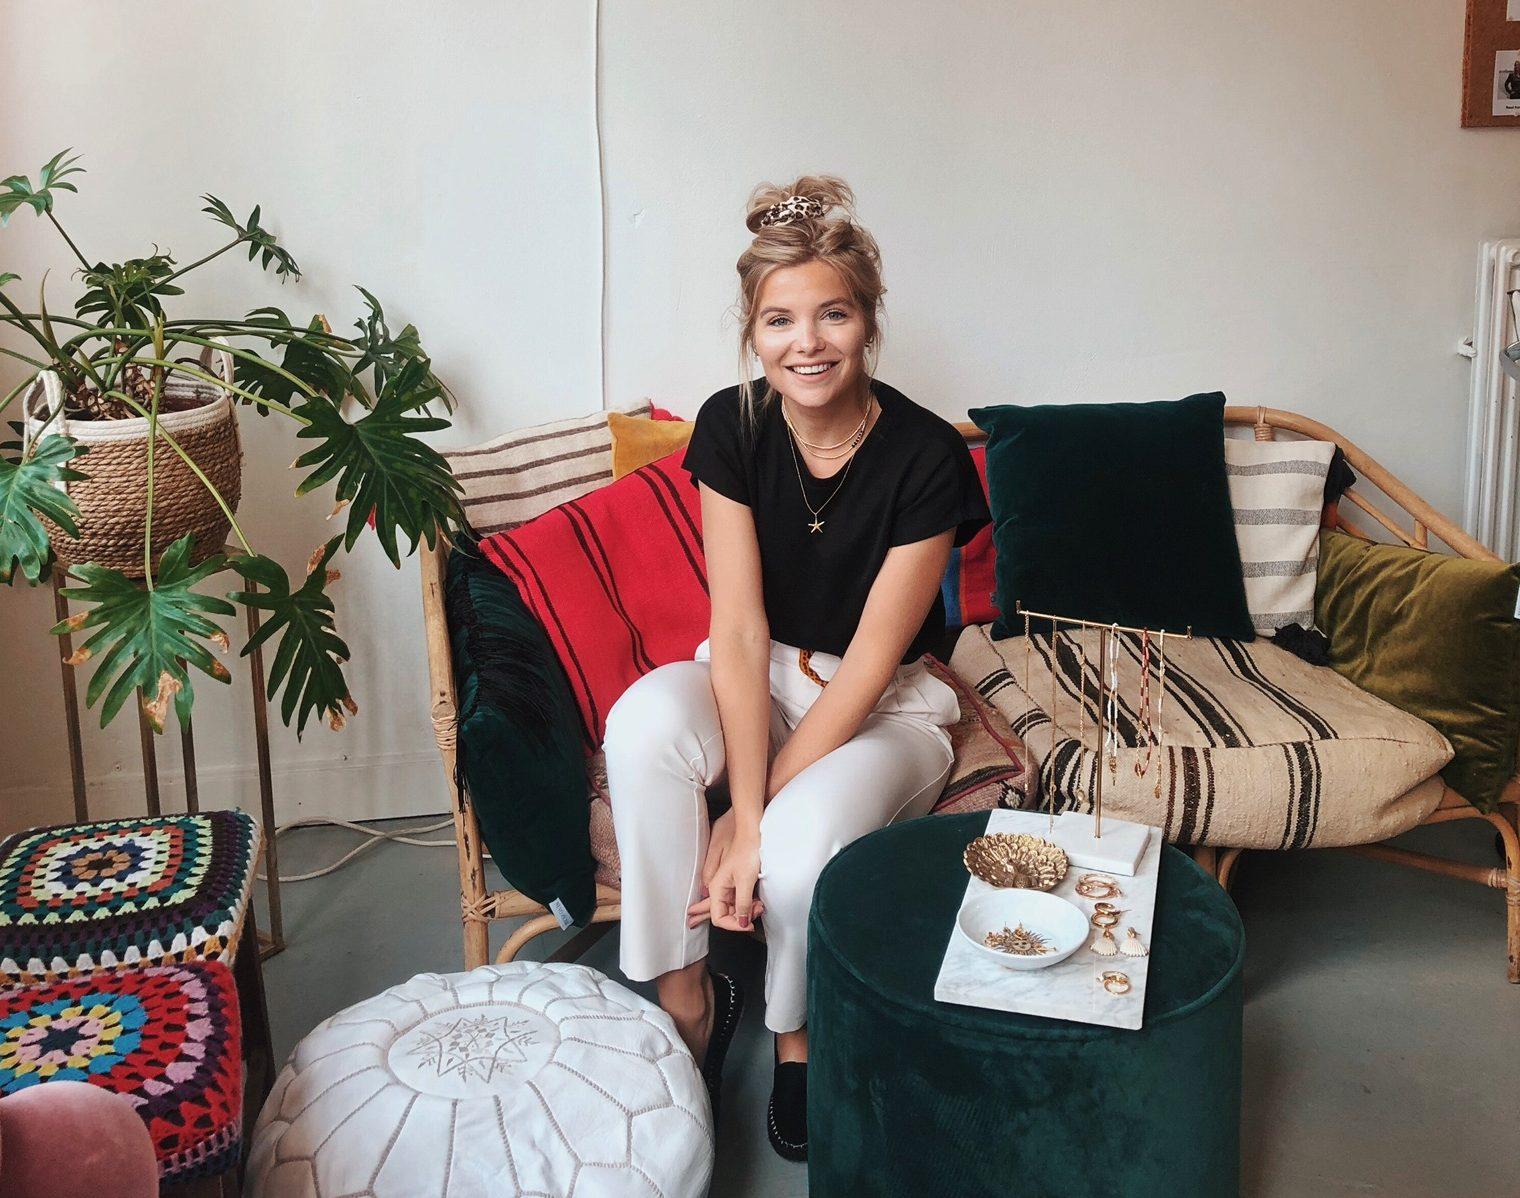 interview Lynn van de Vorst - girlboss interview - interview influencer lynn van de vorst - copywriter lynn van de vorst